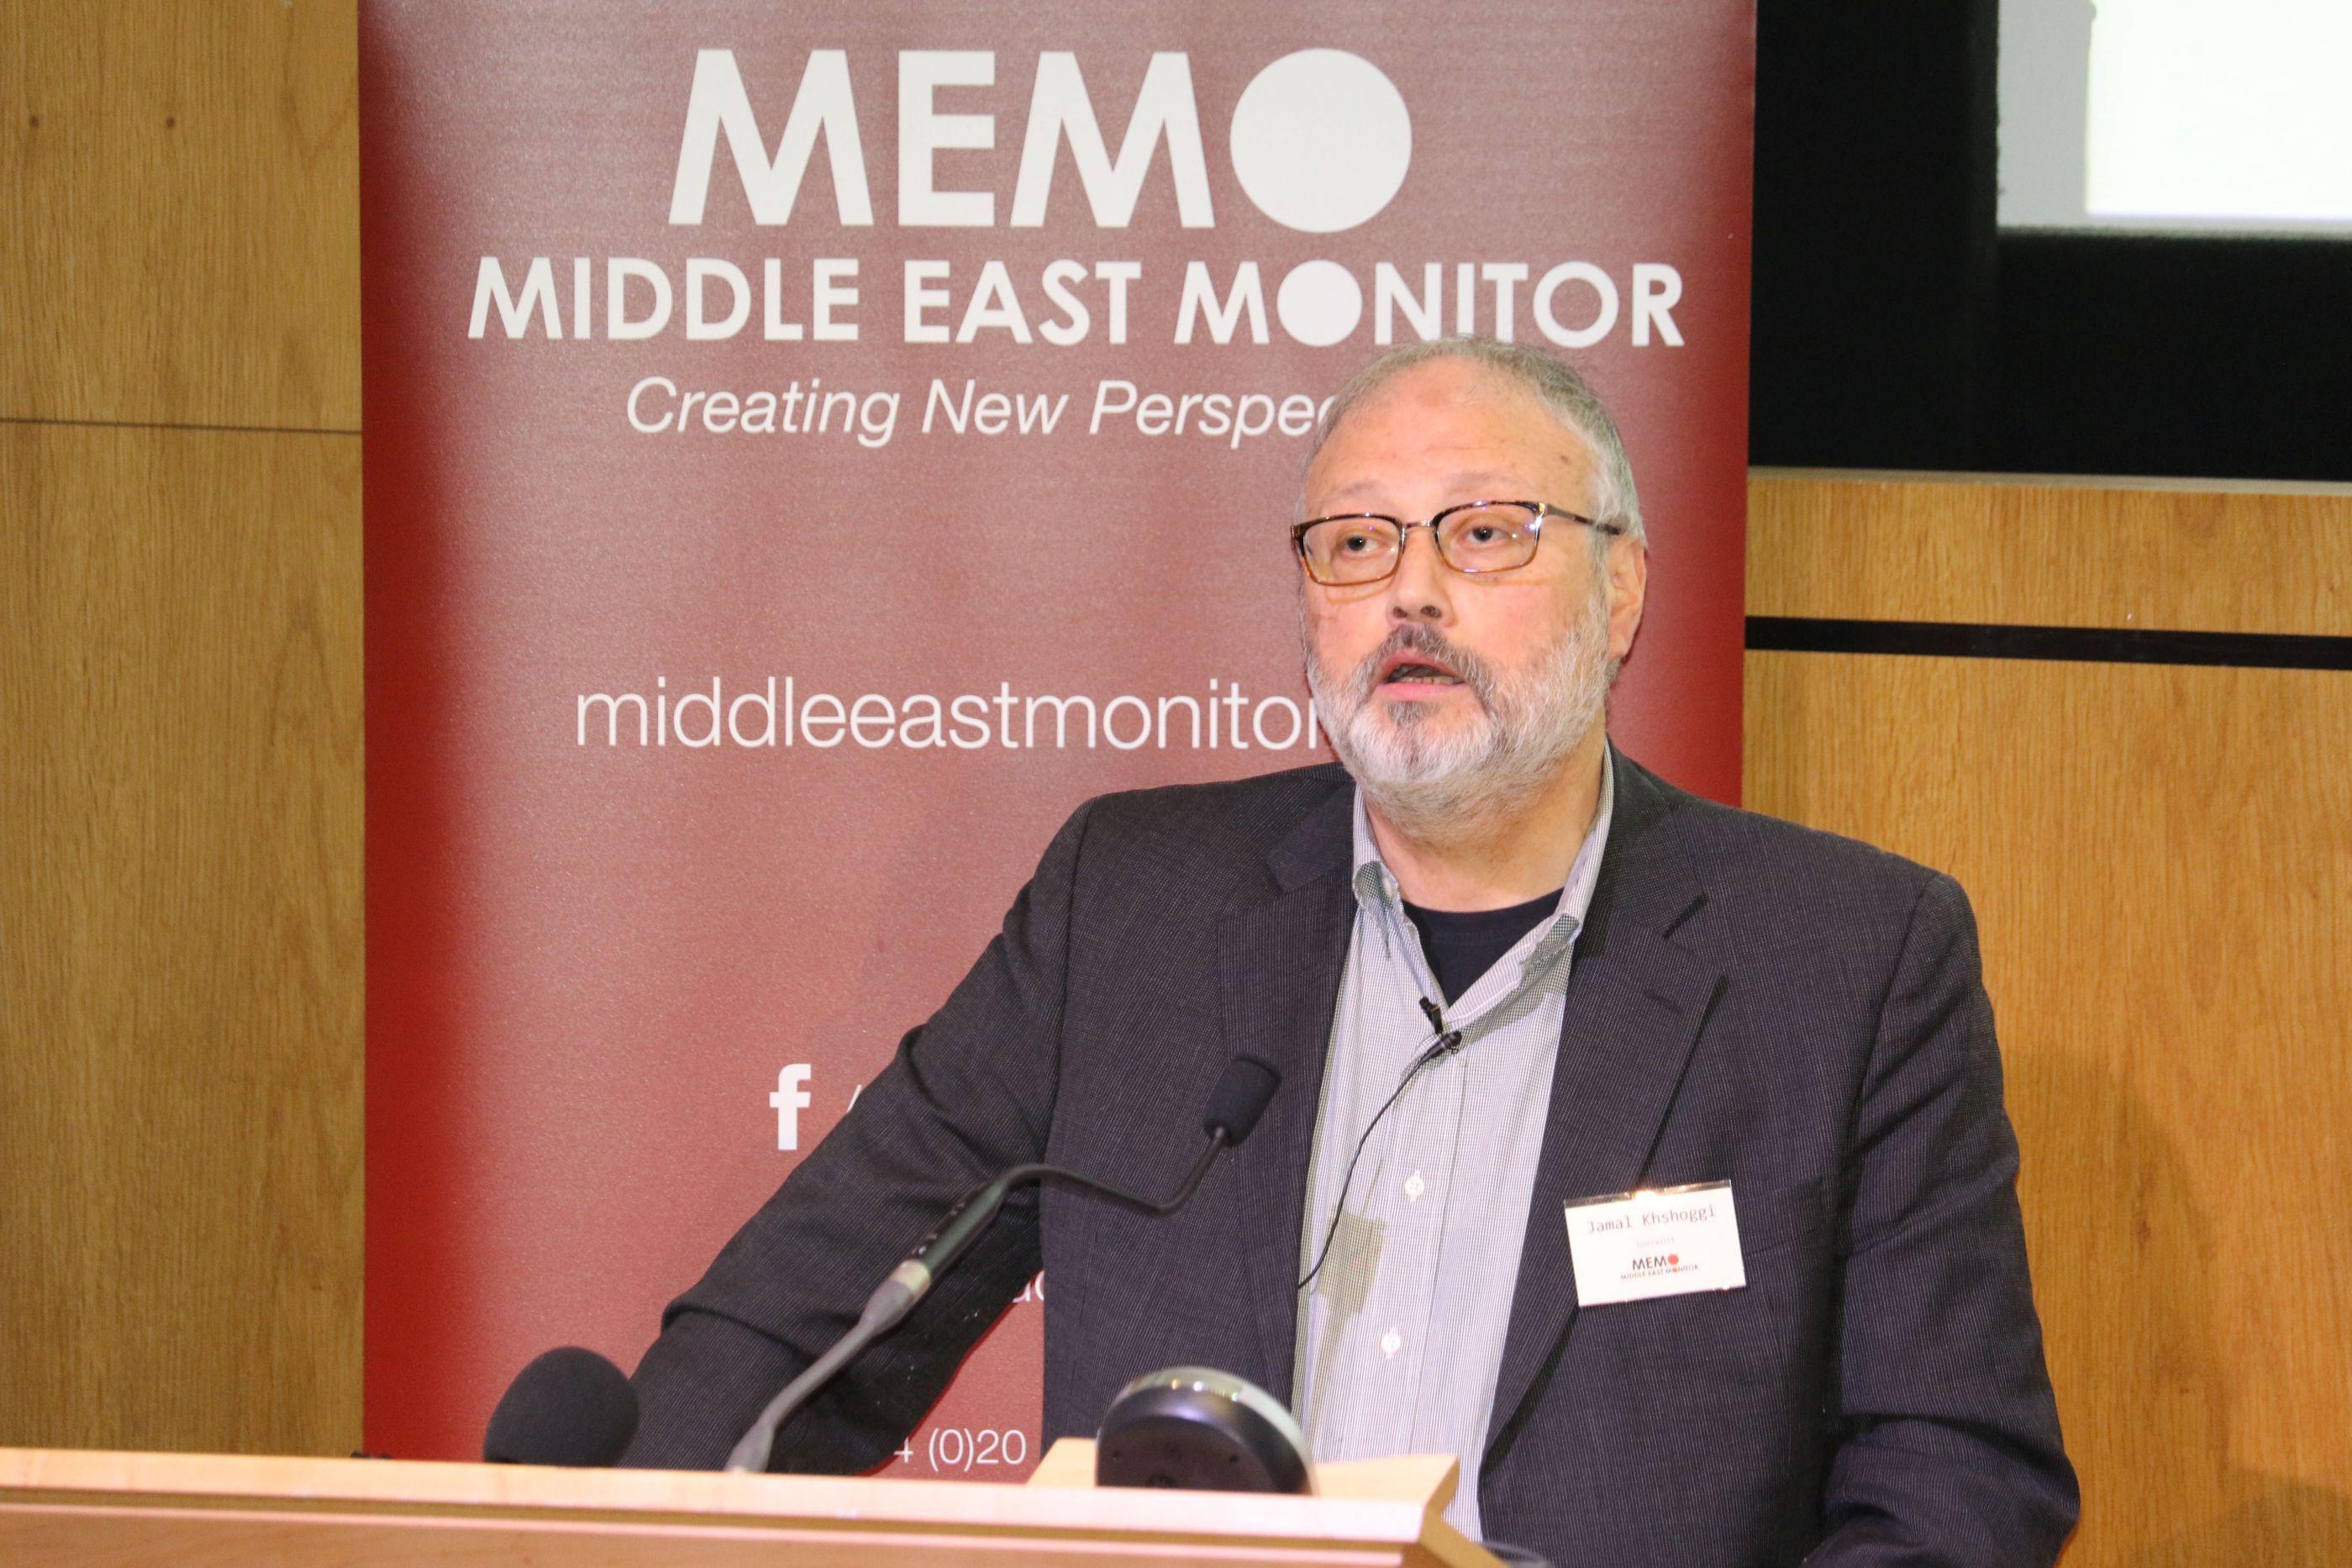 Filhos de Khashoggi podem receber até 63 milhões por o pai ter sido morto